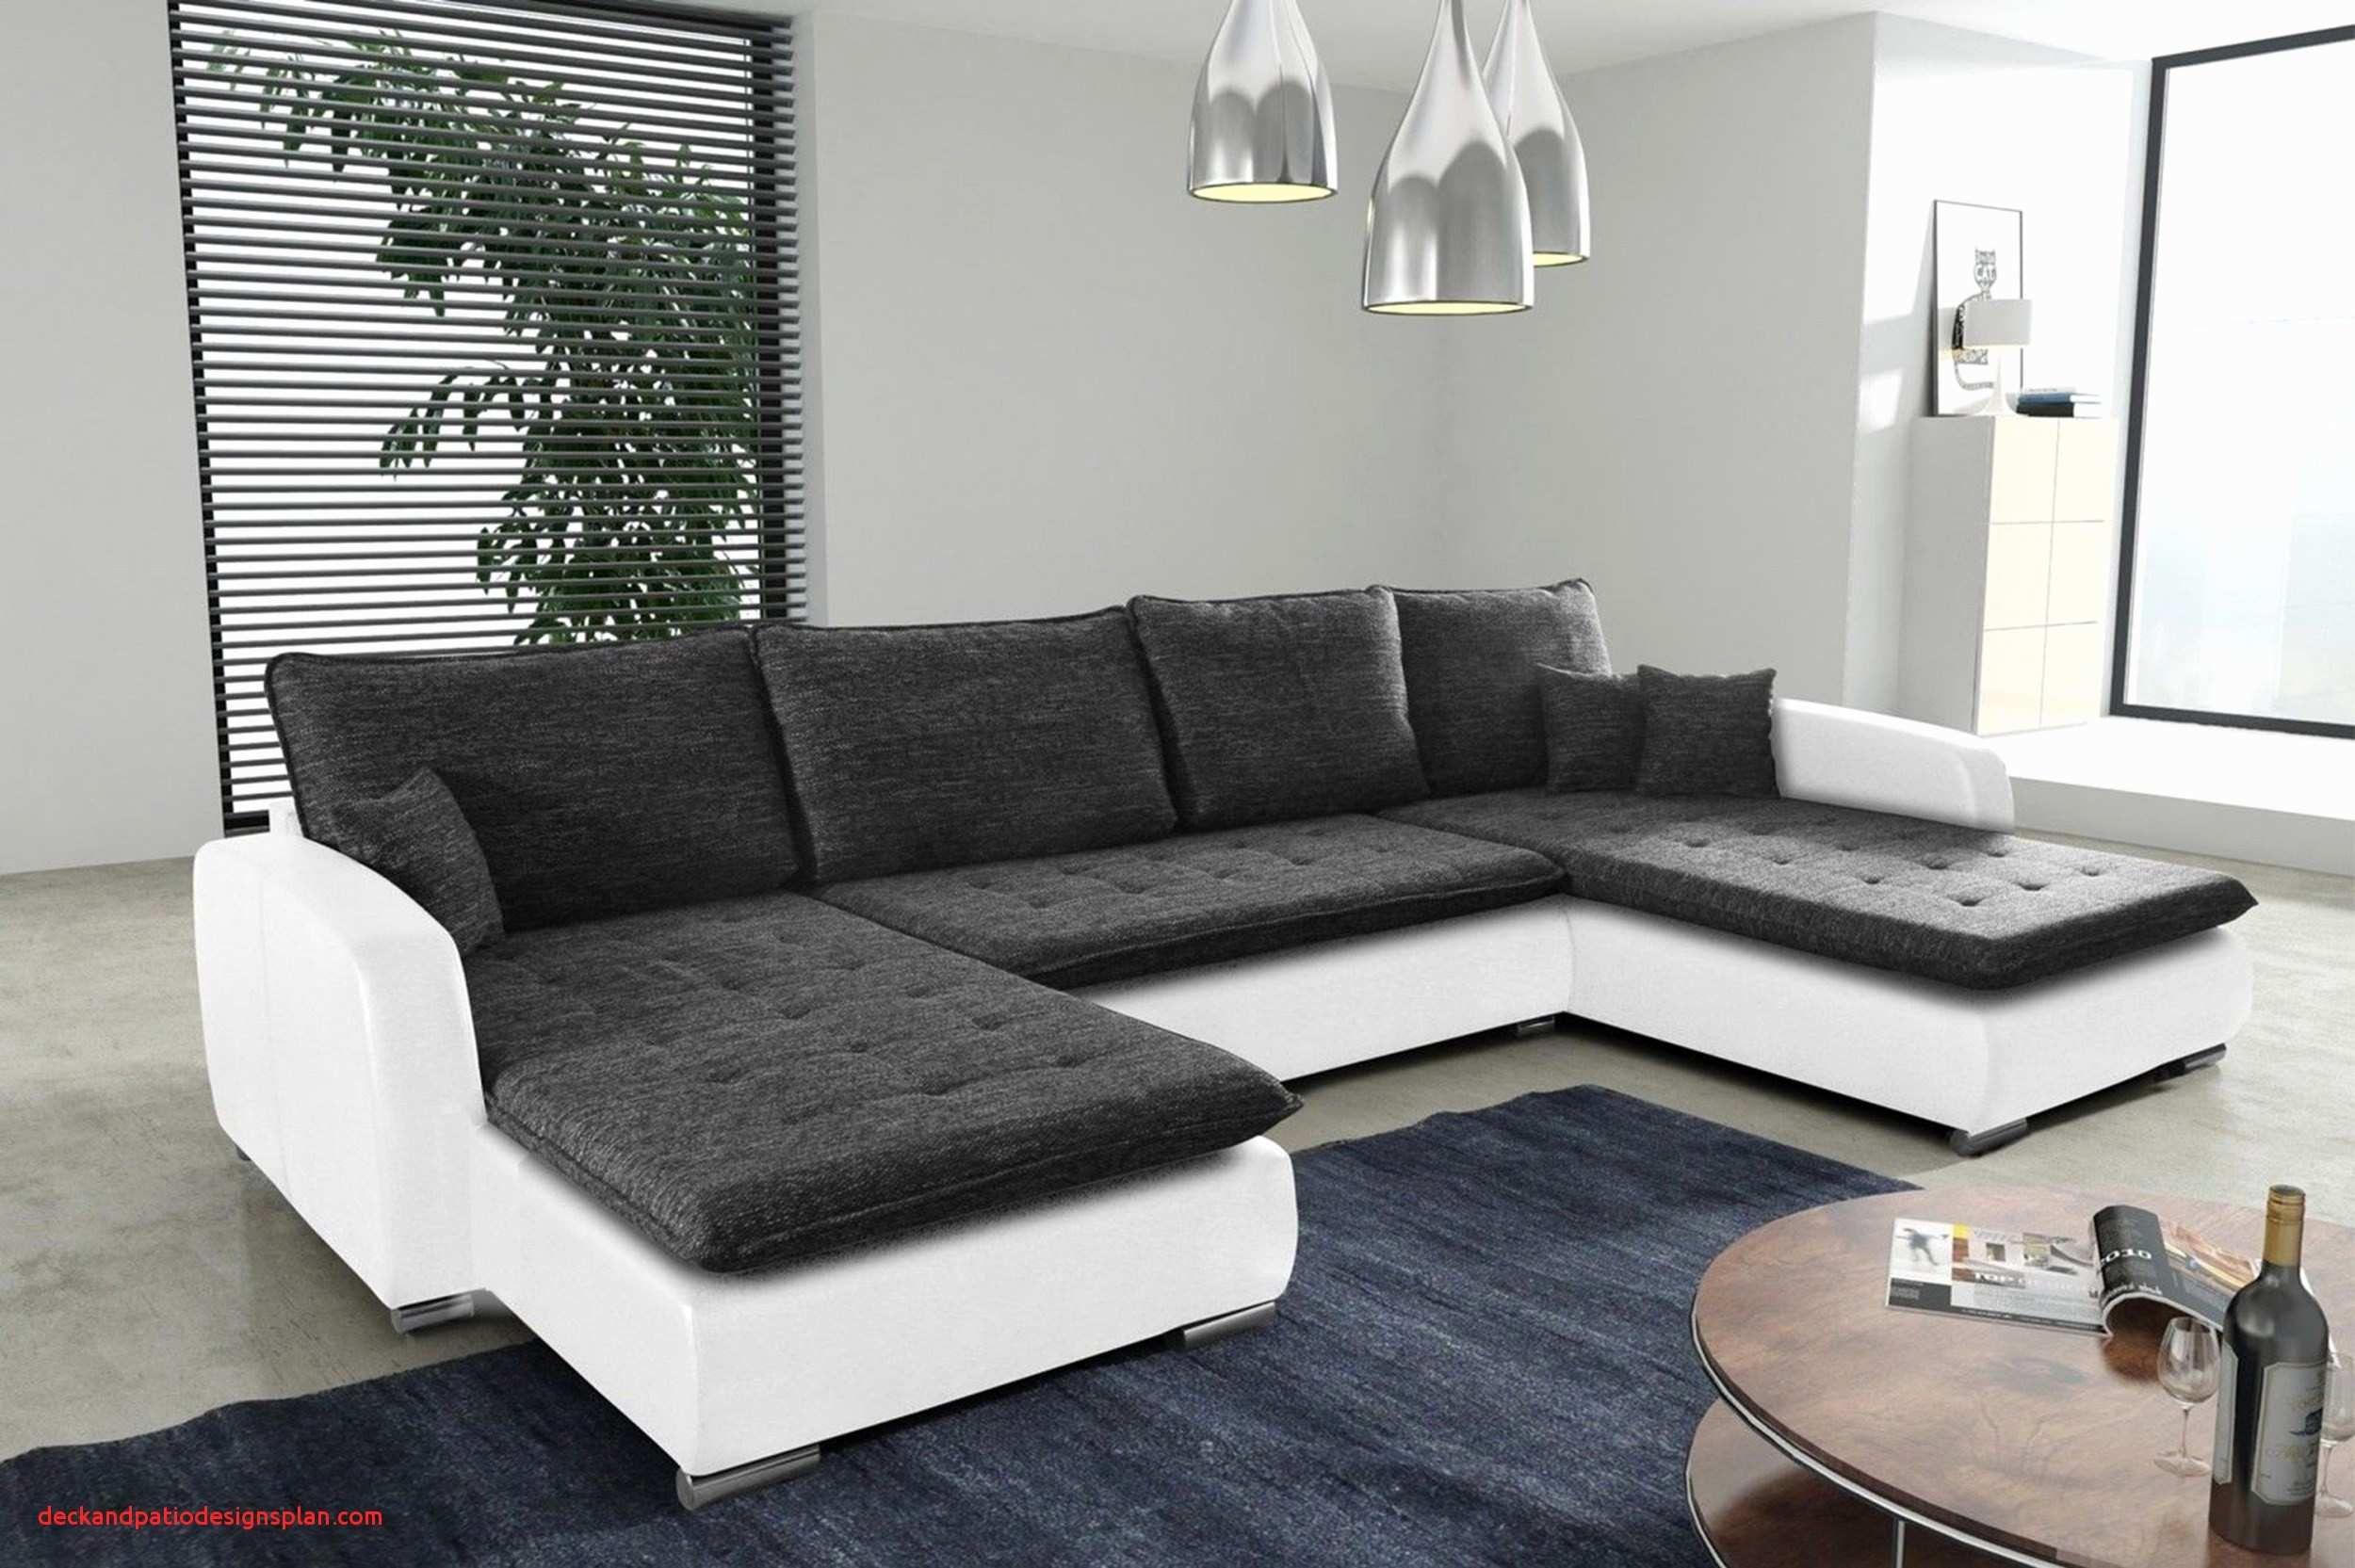 Full Size of Big Sofa Mit Schlaffunktion Und Bettkasten Ikea Hocker Holzfüßen Led Boxen Elektrischer Sitztiefenverstellung 2 Sitzer Schillig Verstellbarer Sitztiefe De Sofa Big Sofa Mit Schlaffunktion